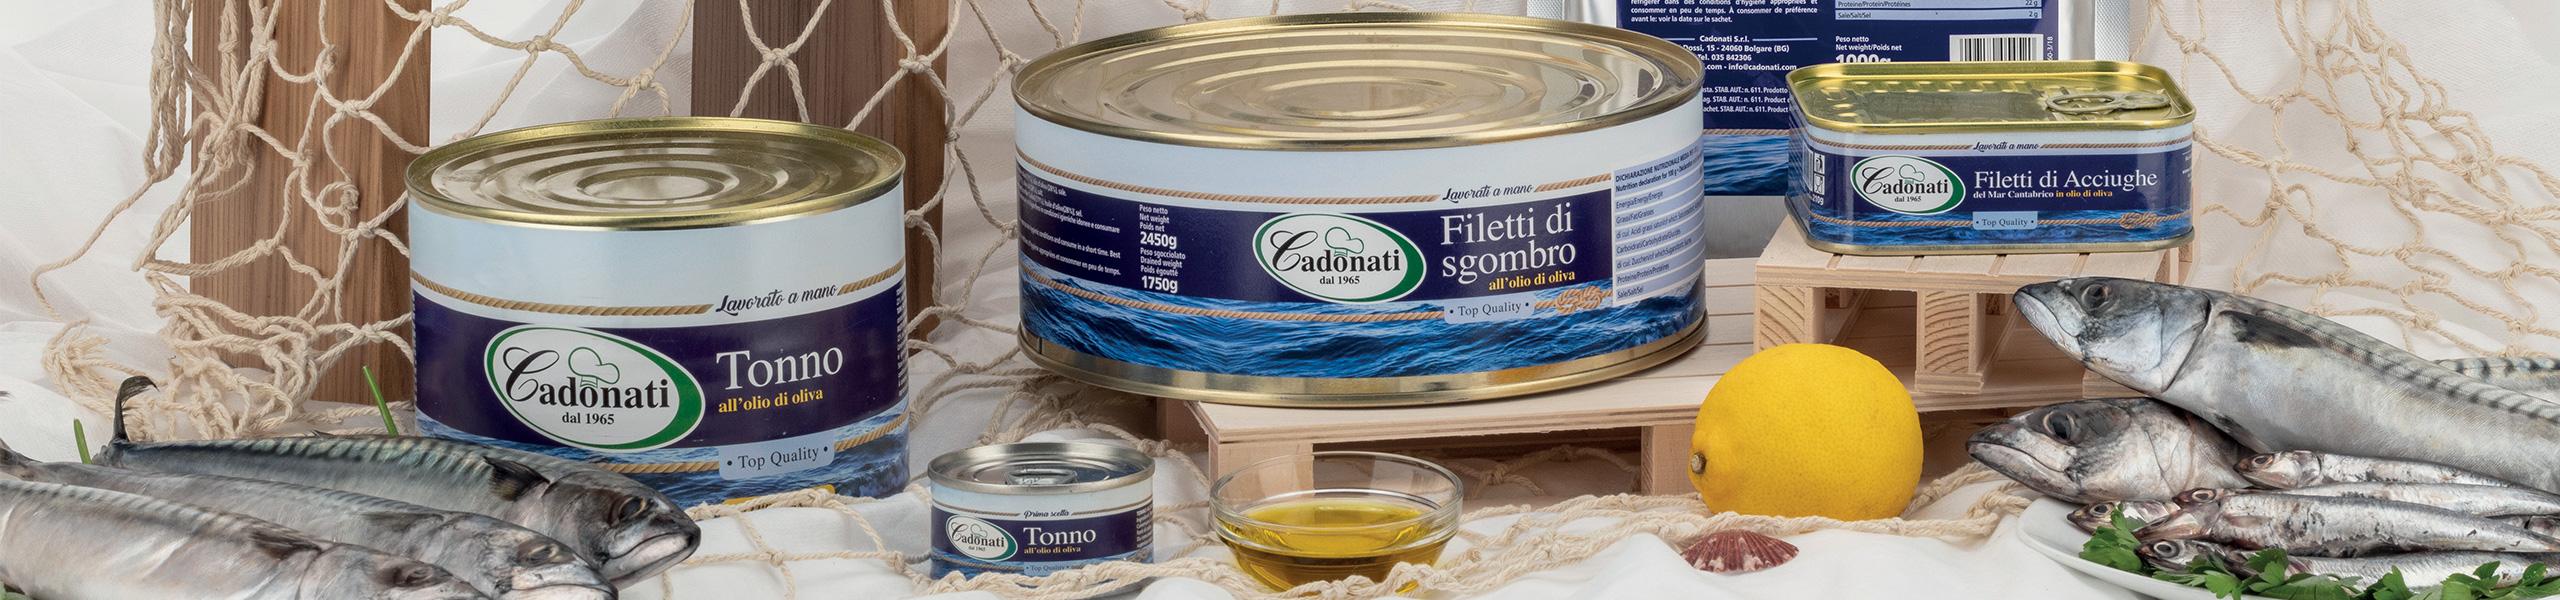 Tonno monodose all'olio di oliva